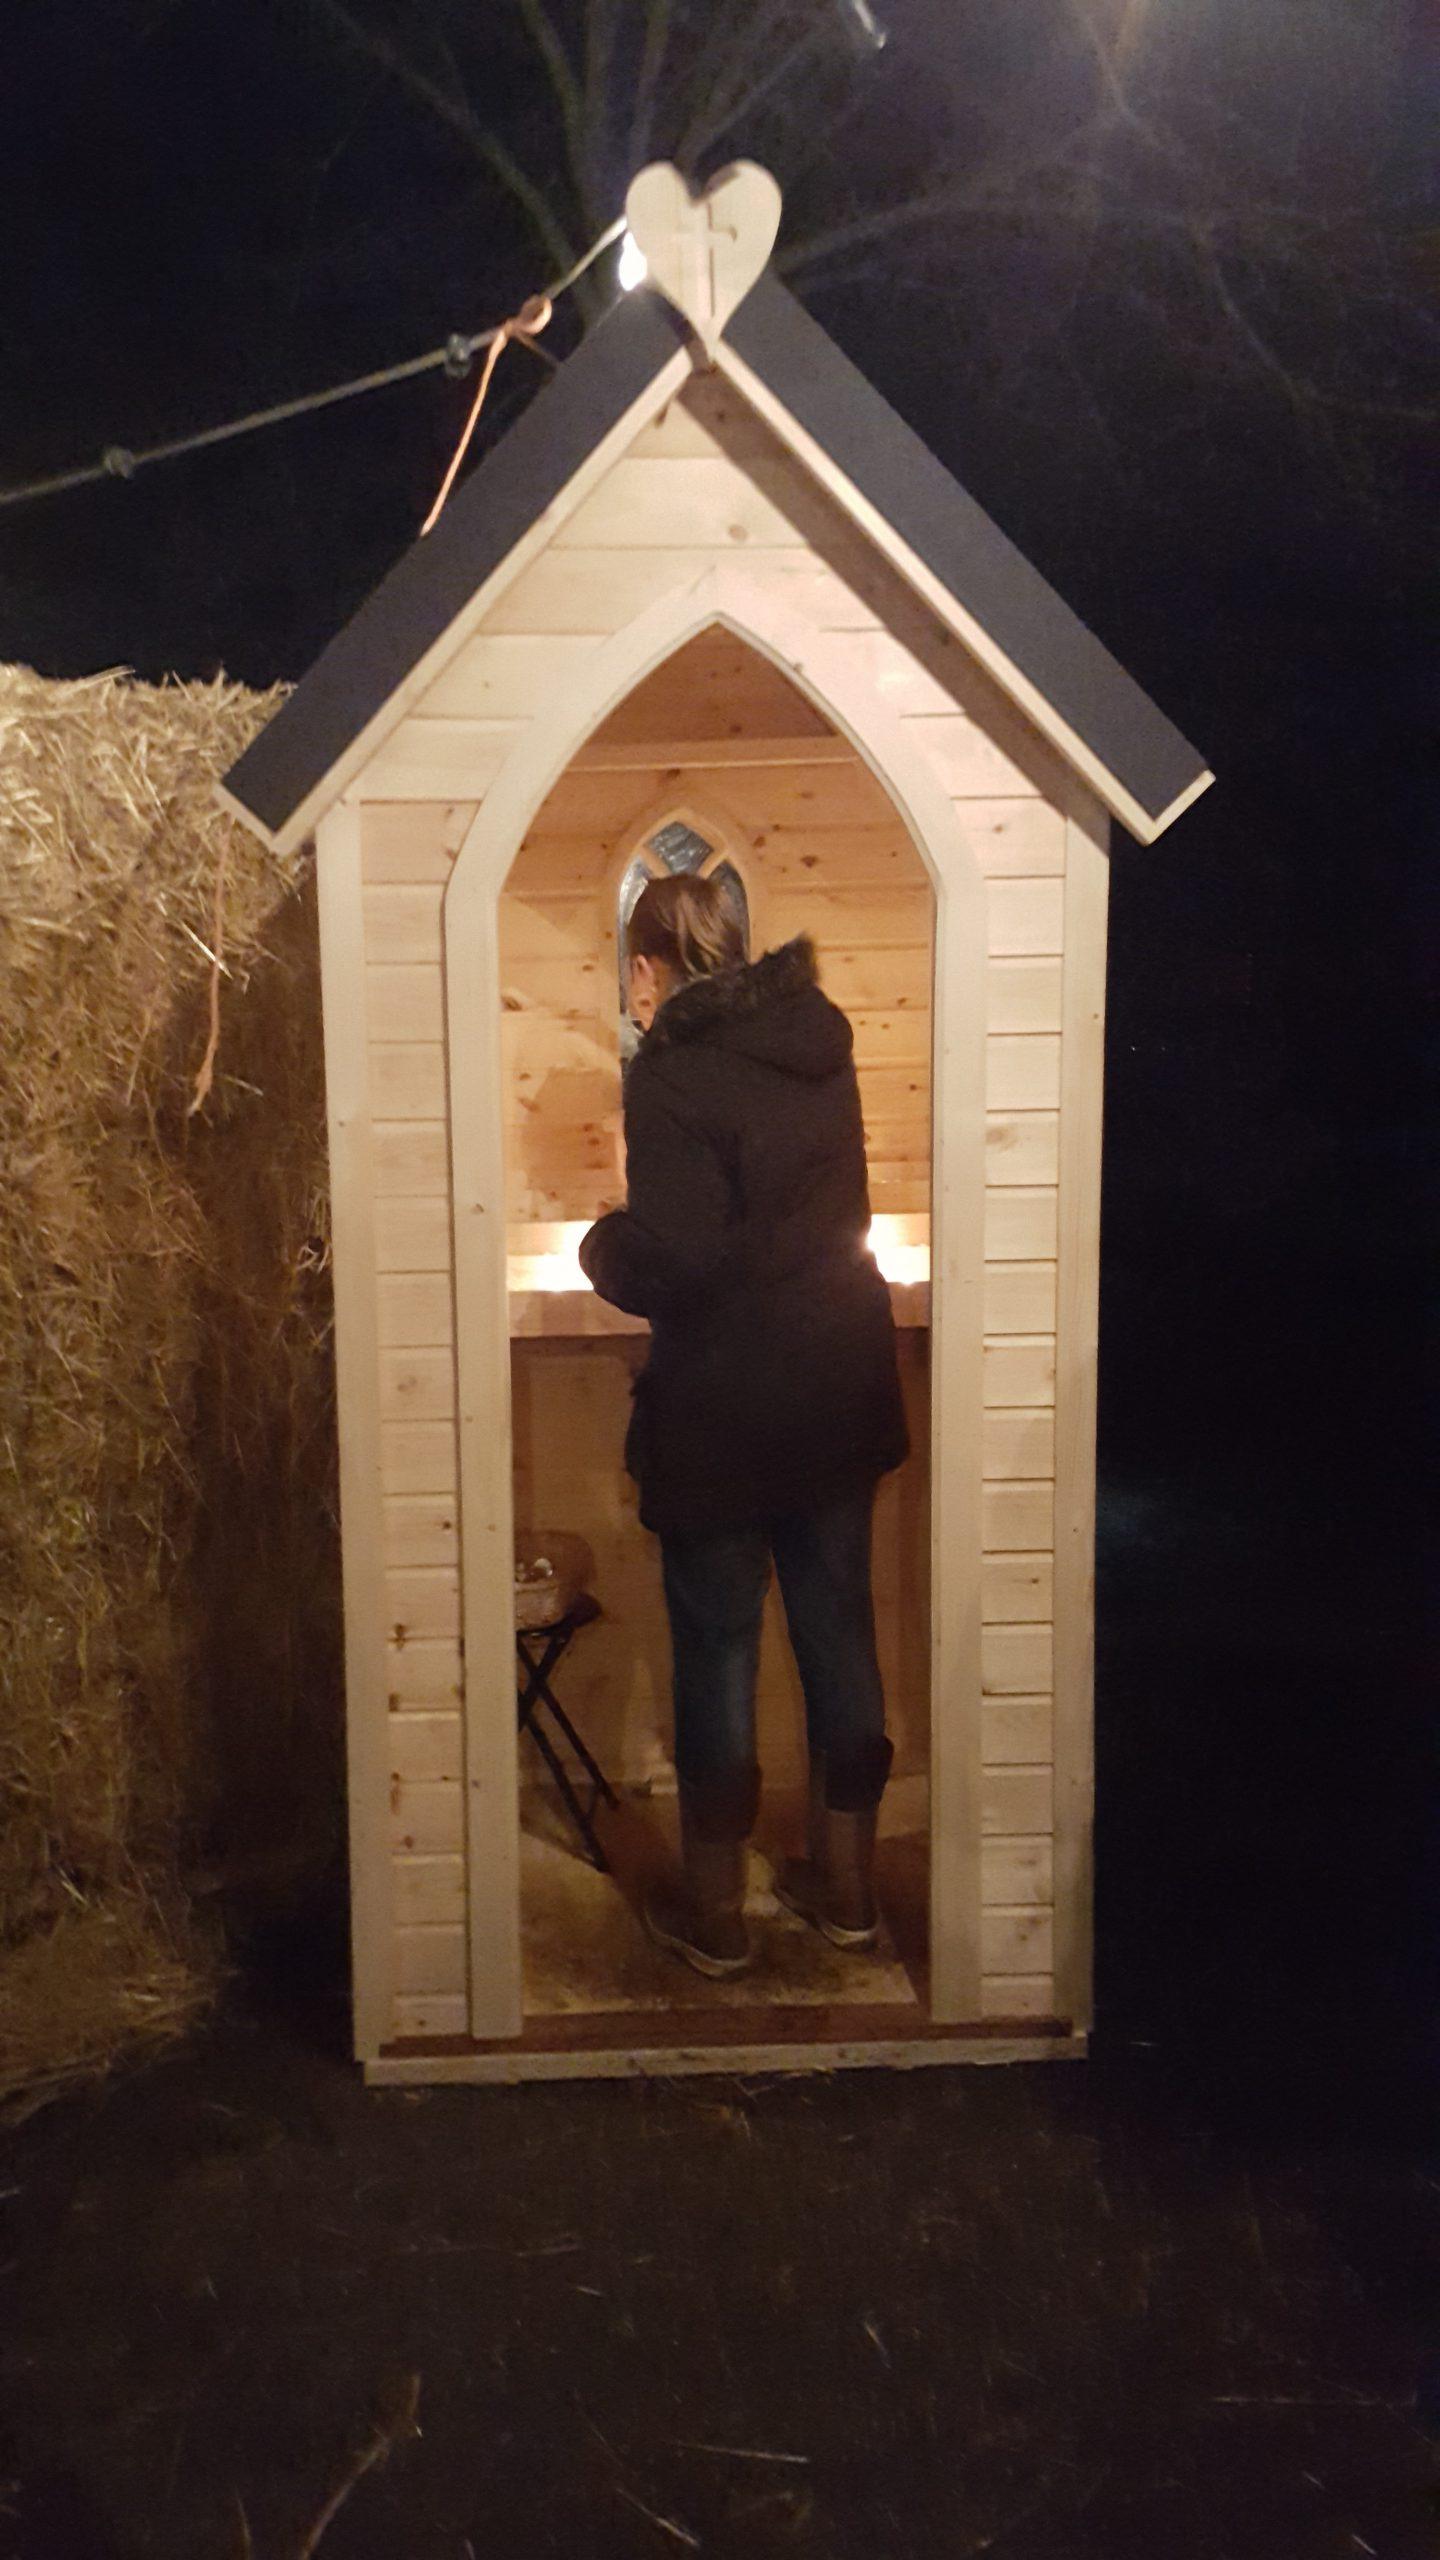 Kerstnachtdienst schaapskooi 't hijkerveld (14)